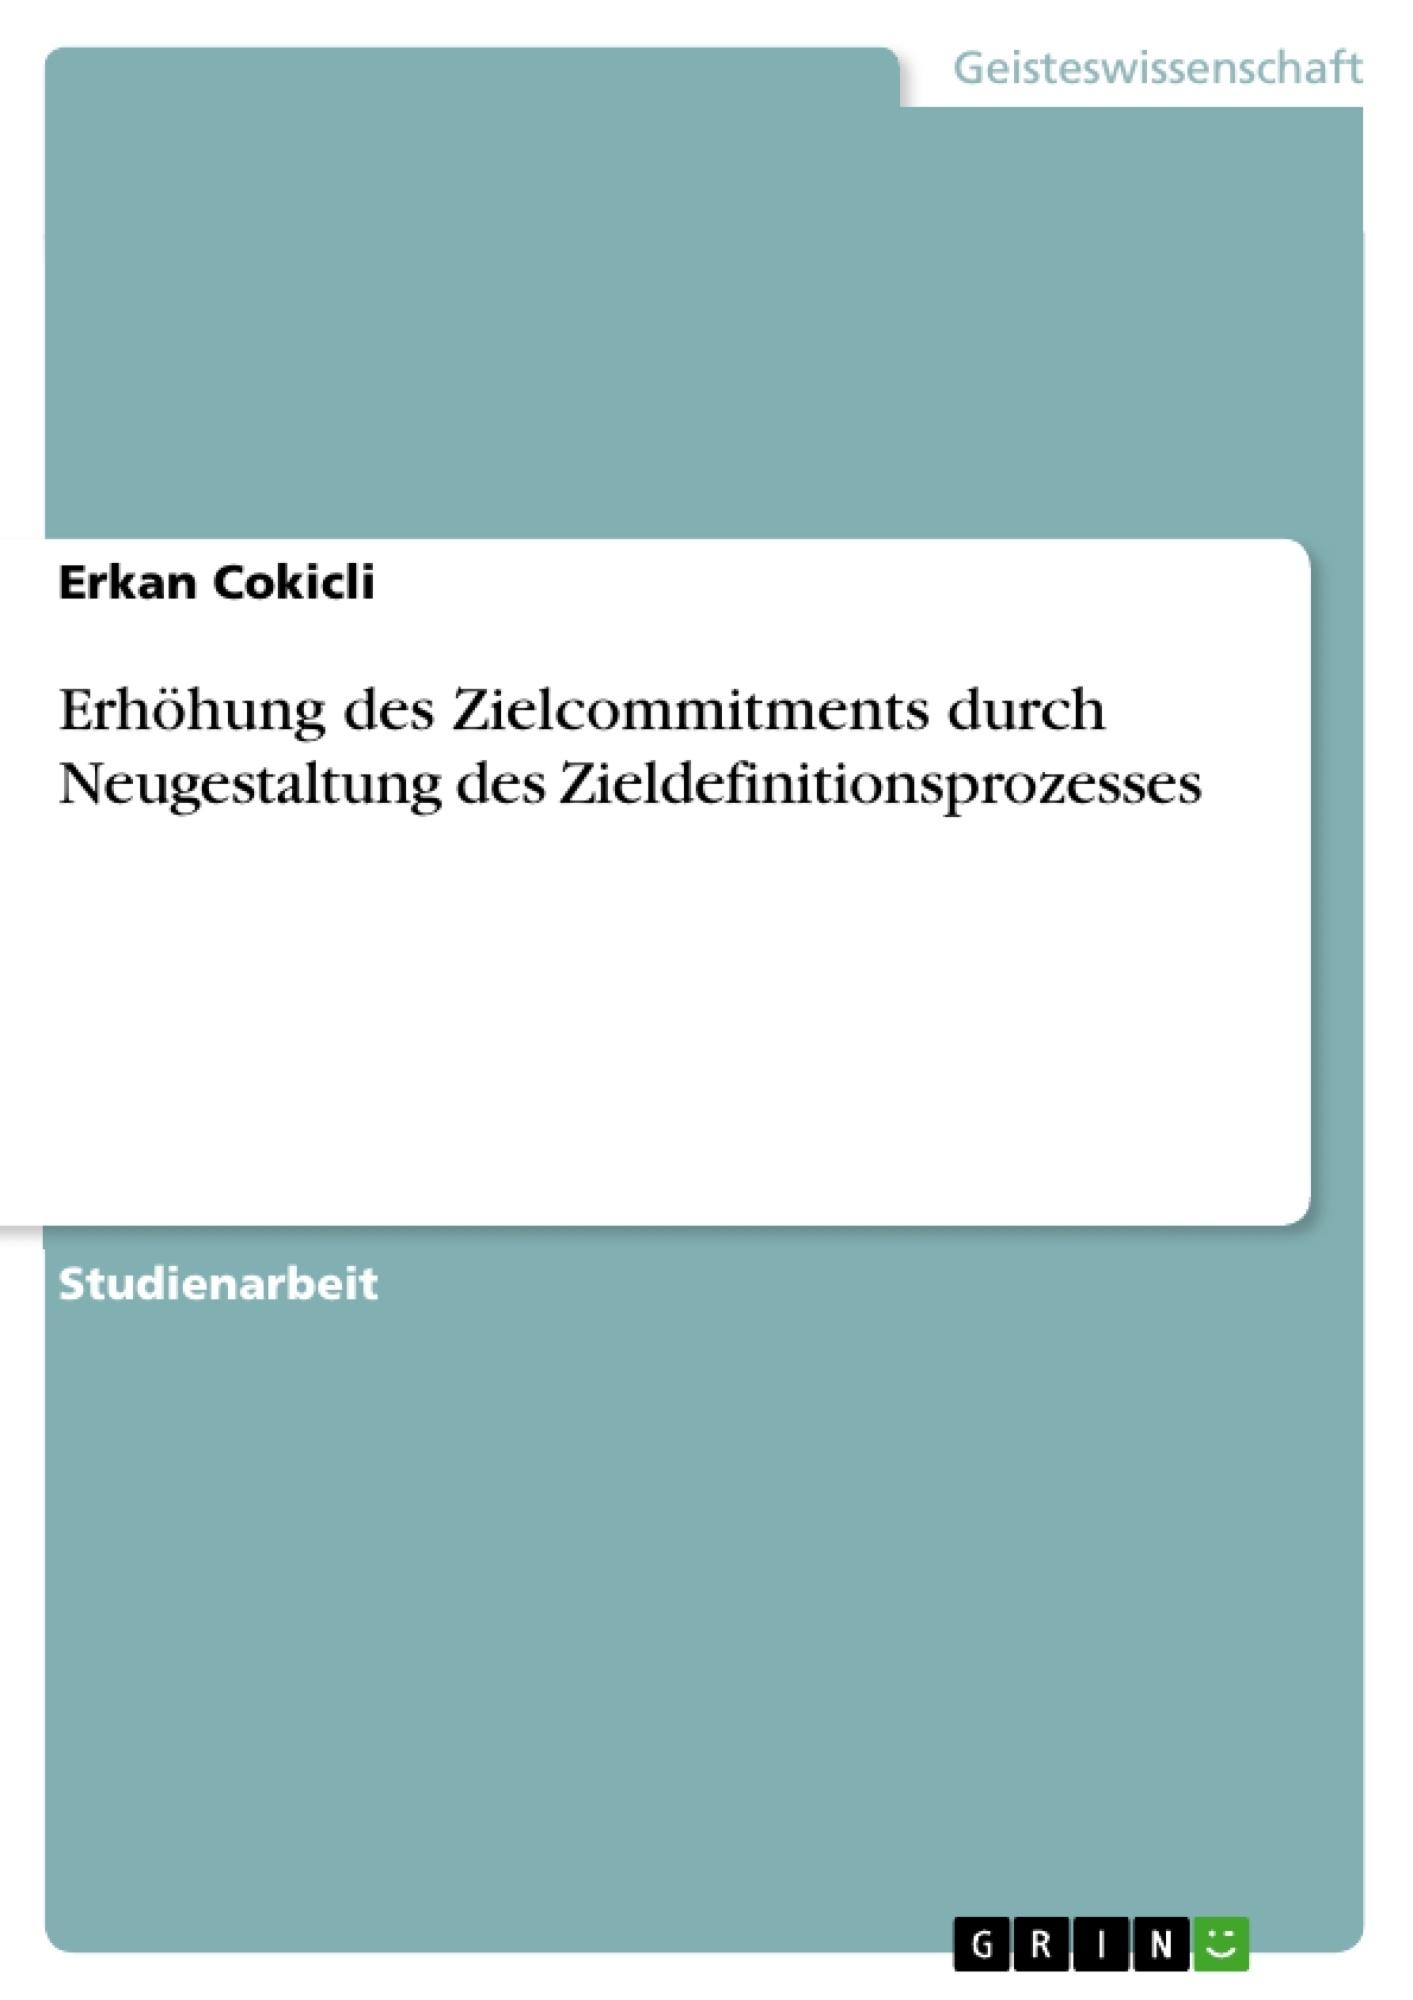 Titel: Erhöhung des Zielcommitments durch Neugestaltung des Zieldefinitionsprozesses